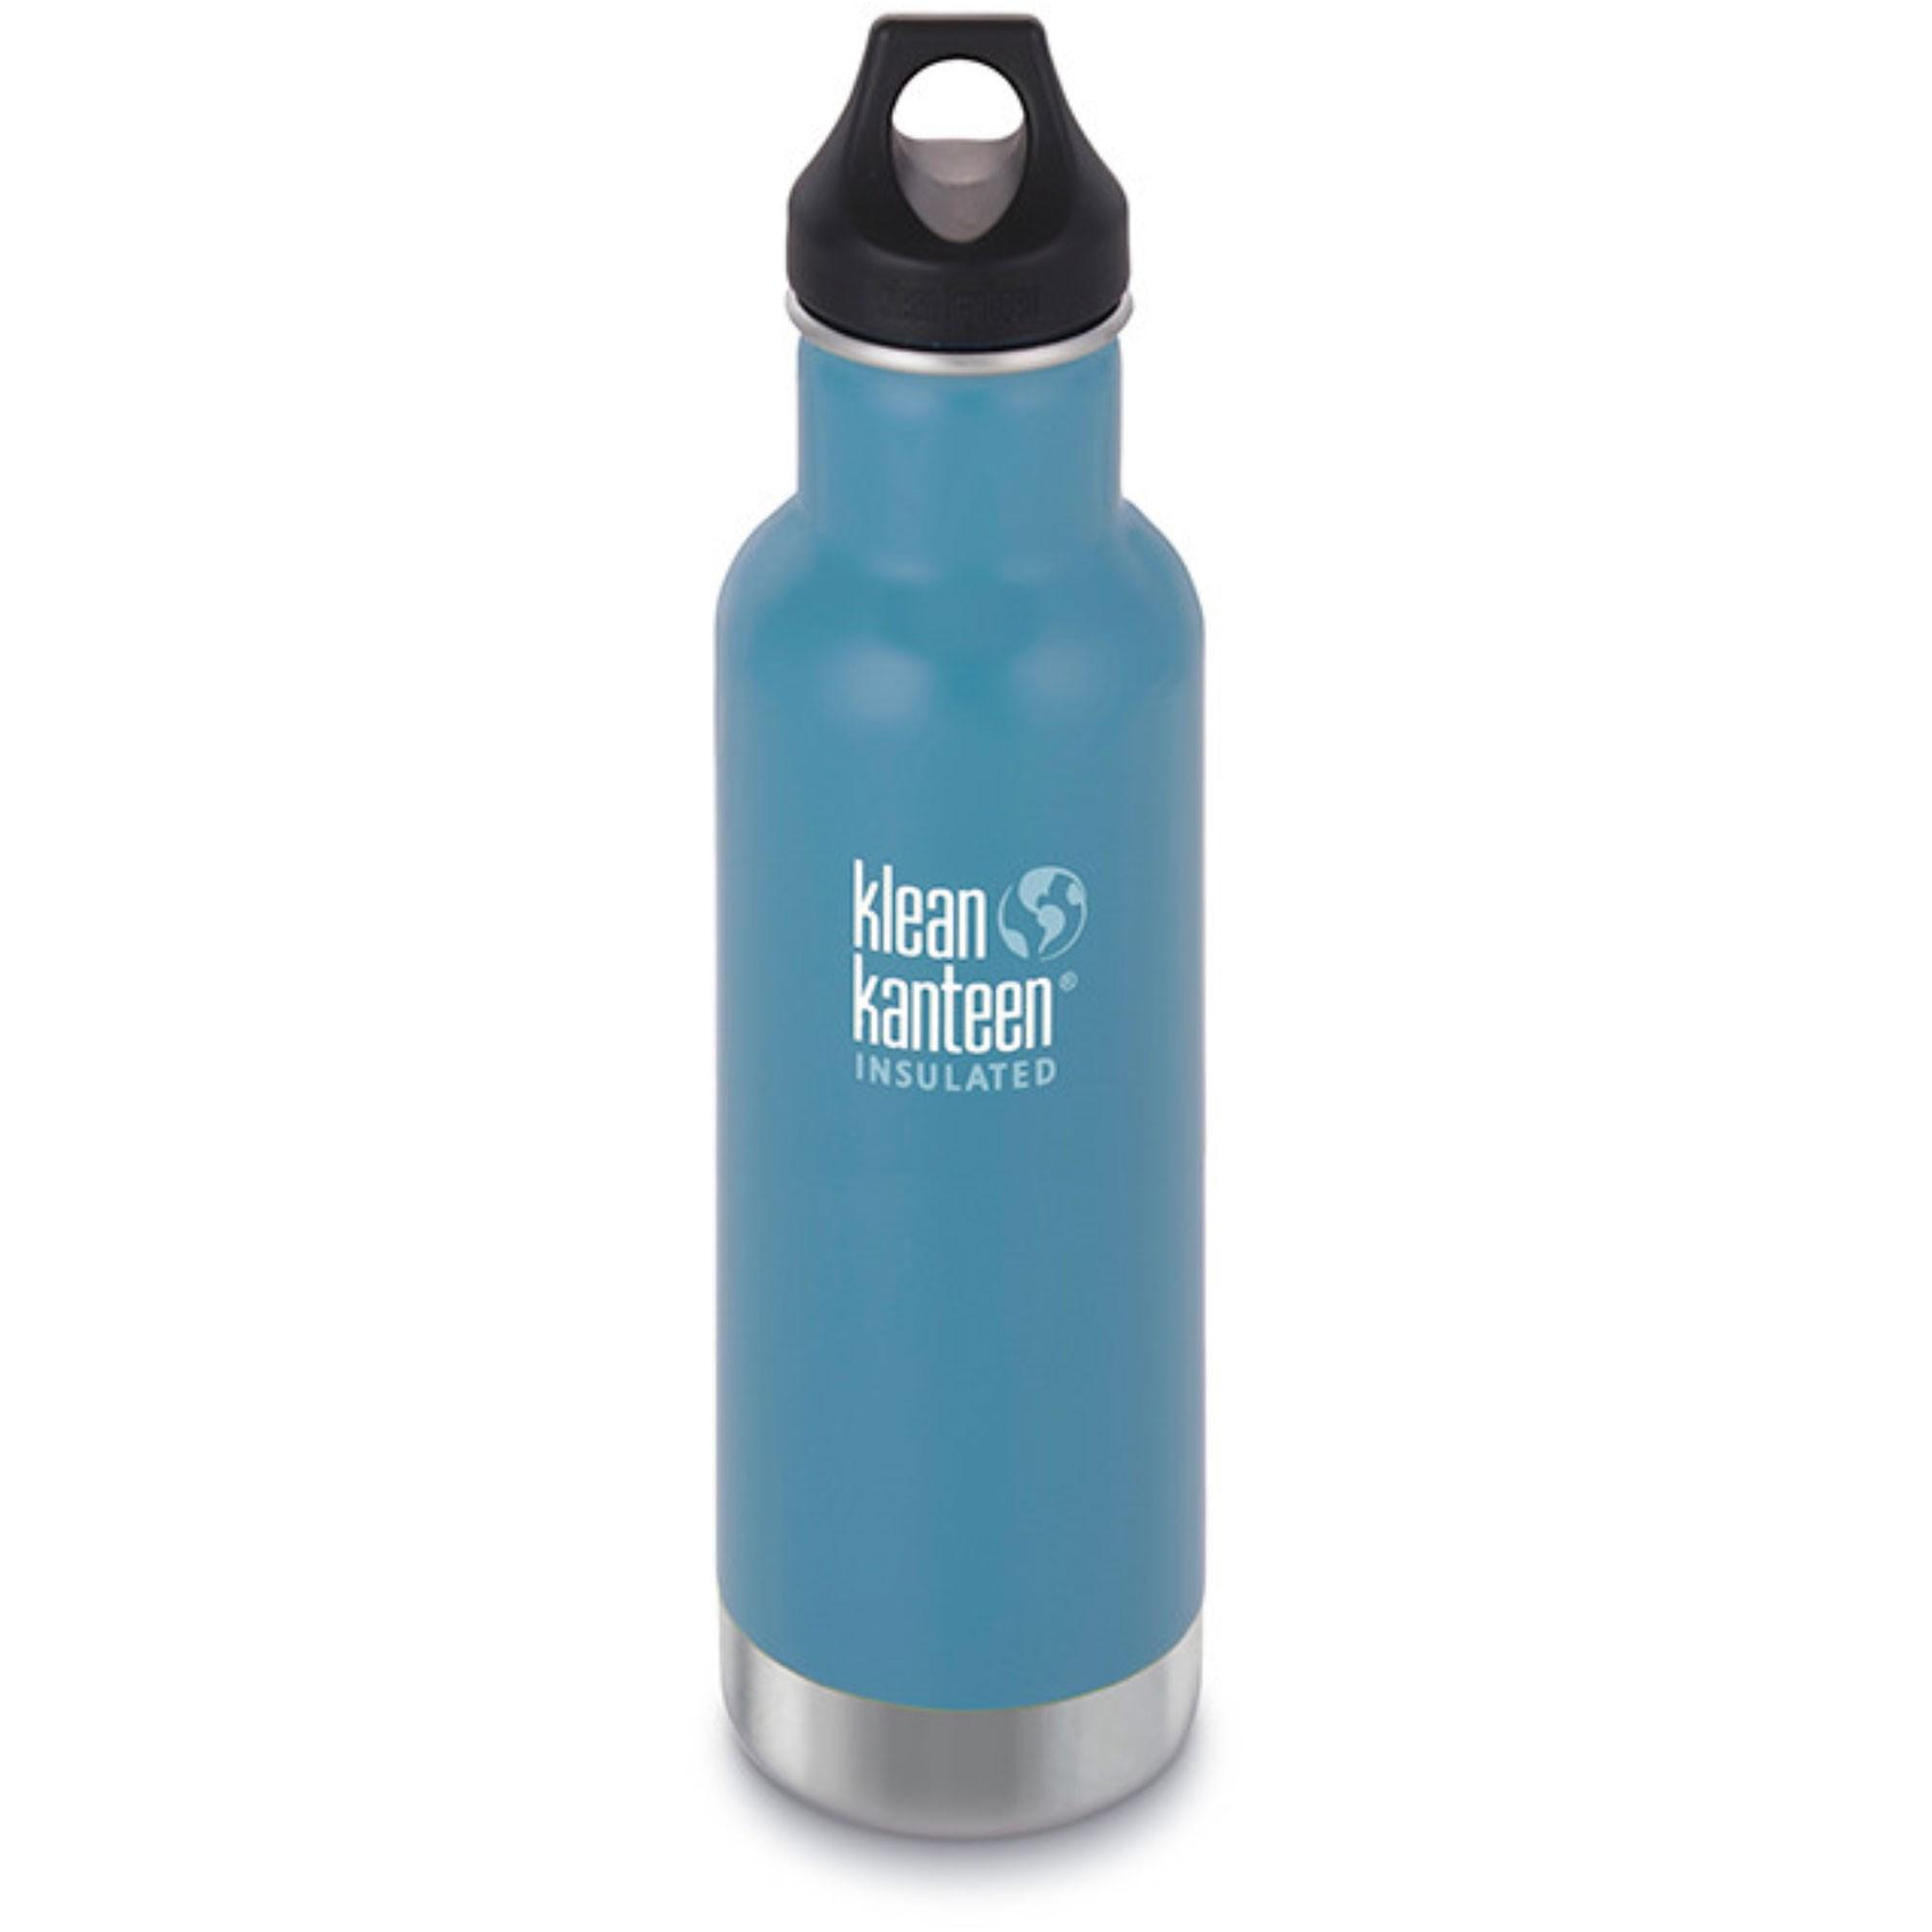 KLEAN KANTEEN - Classic Insulated Flask - 592ml - Quiet Storm (Matt)